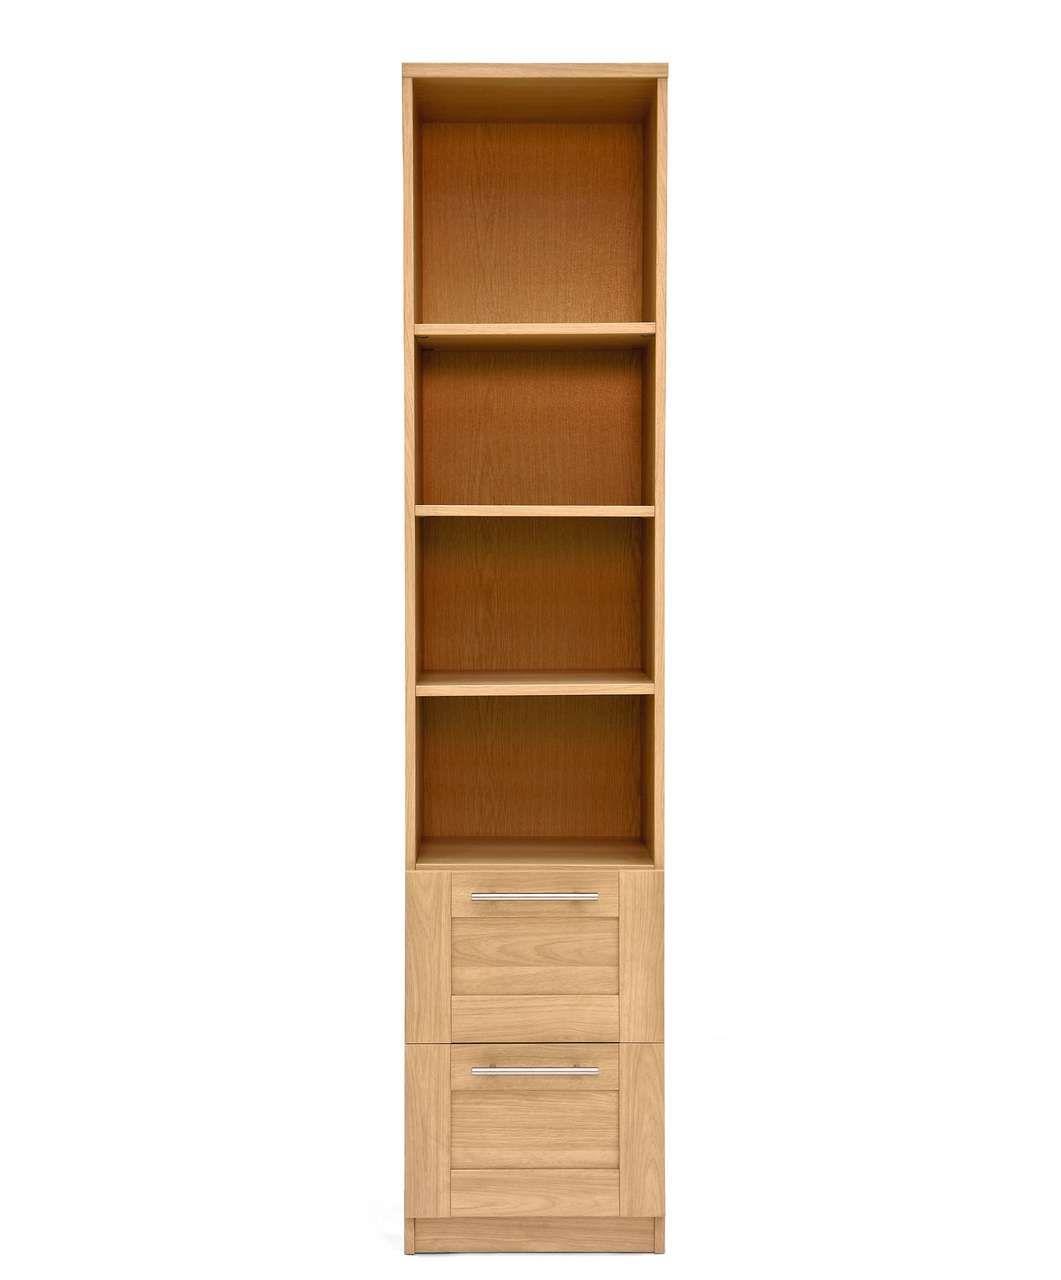 Mamas And Papas Bedroom Furniture Rialto Bookcase Natural Oak Tallboy Bookcases Mamas